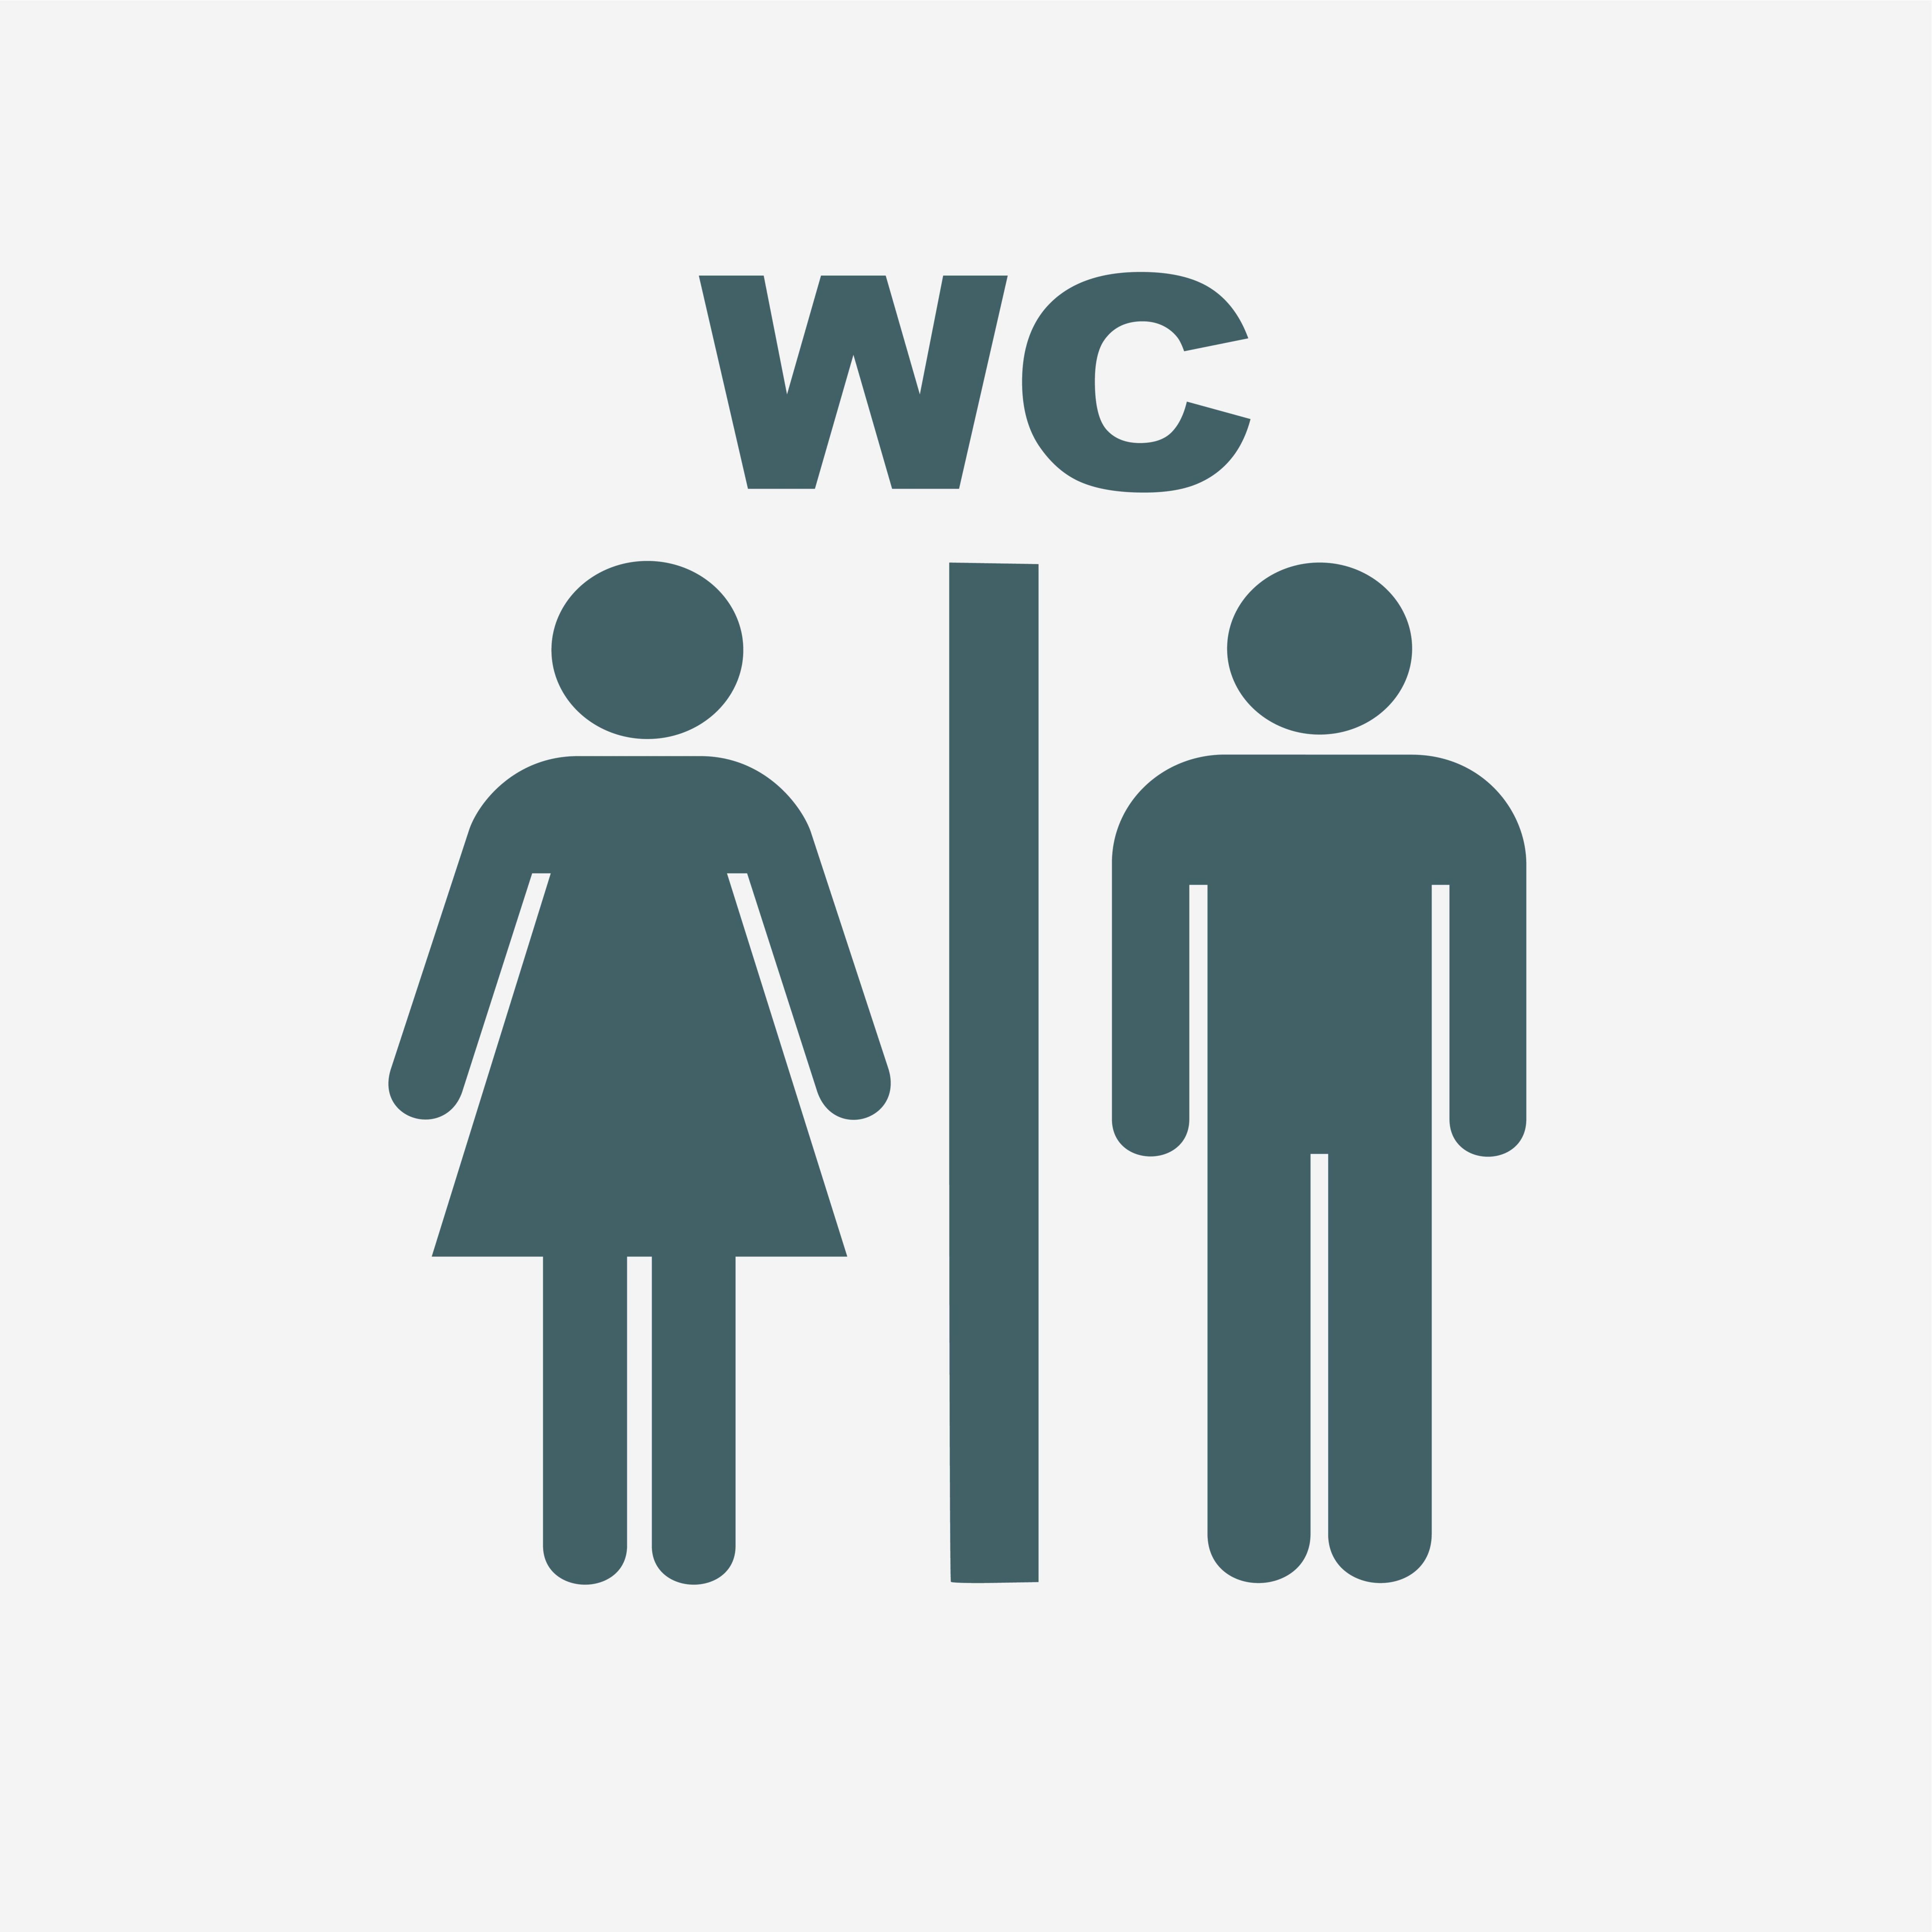 De weg vergeten naar de wc